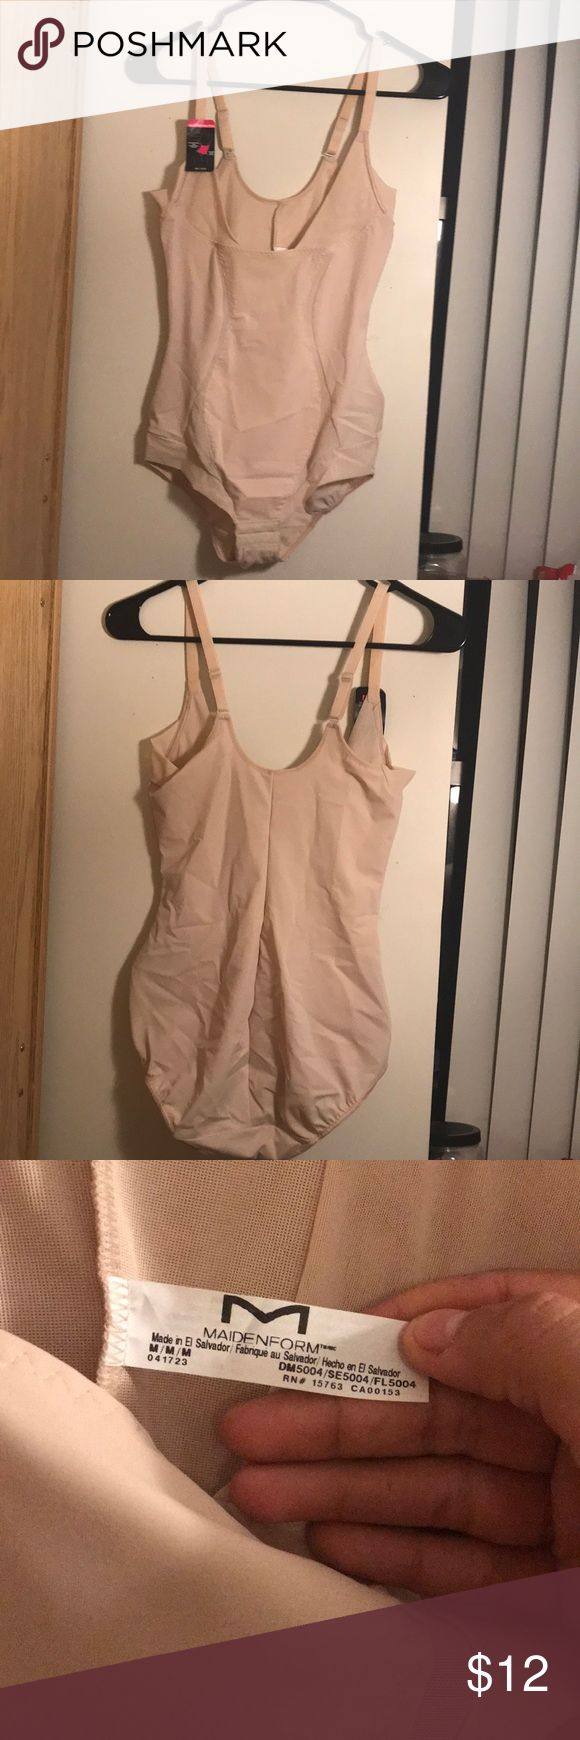 Beige tummy tucker Found in closet never worn tag still on Other